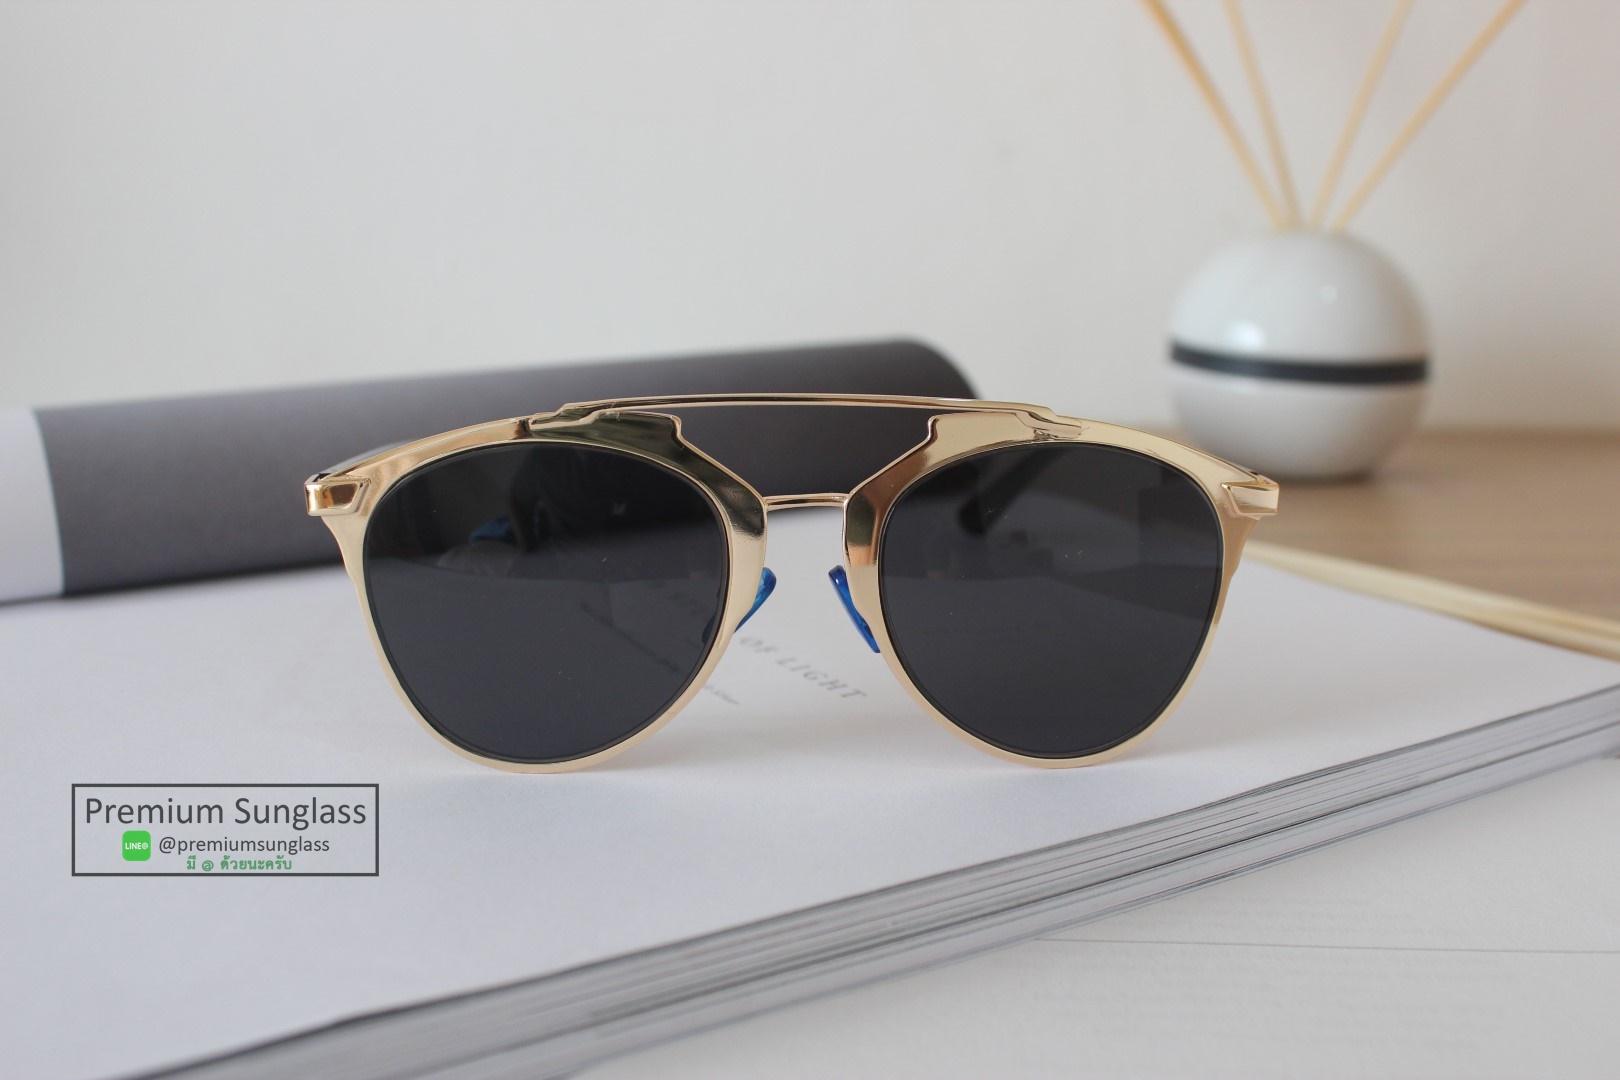 แว่นกันแดดแฟชั่น So Real กรอบทอง-เลนส์ดำ